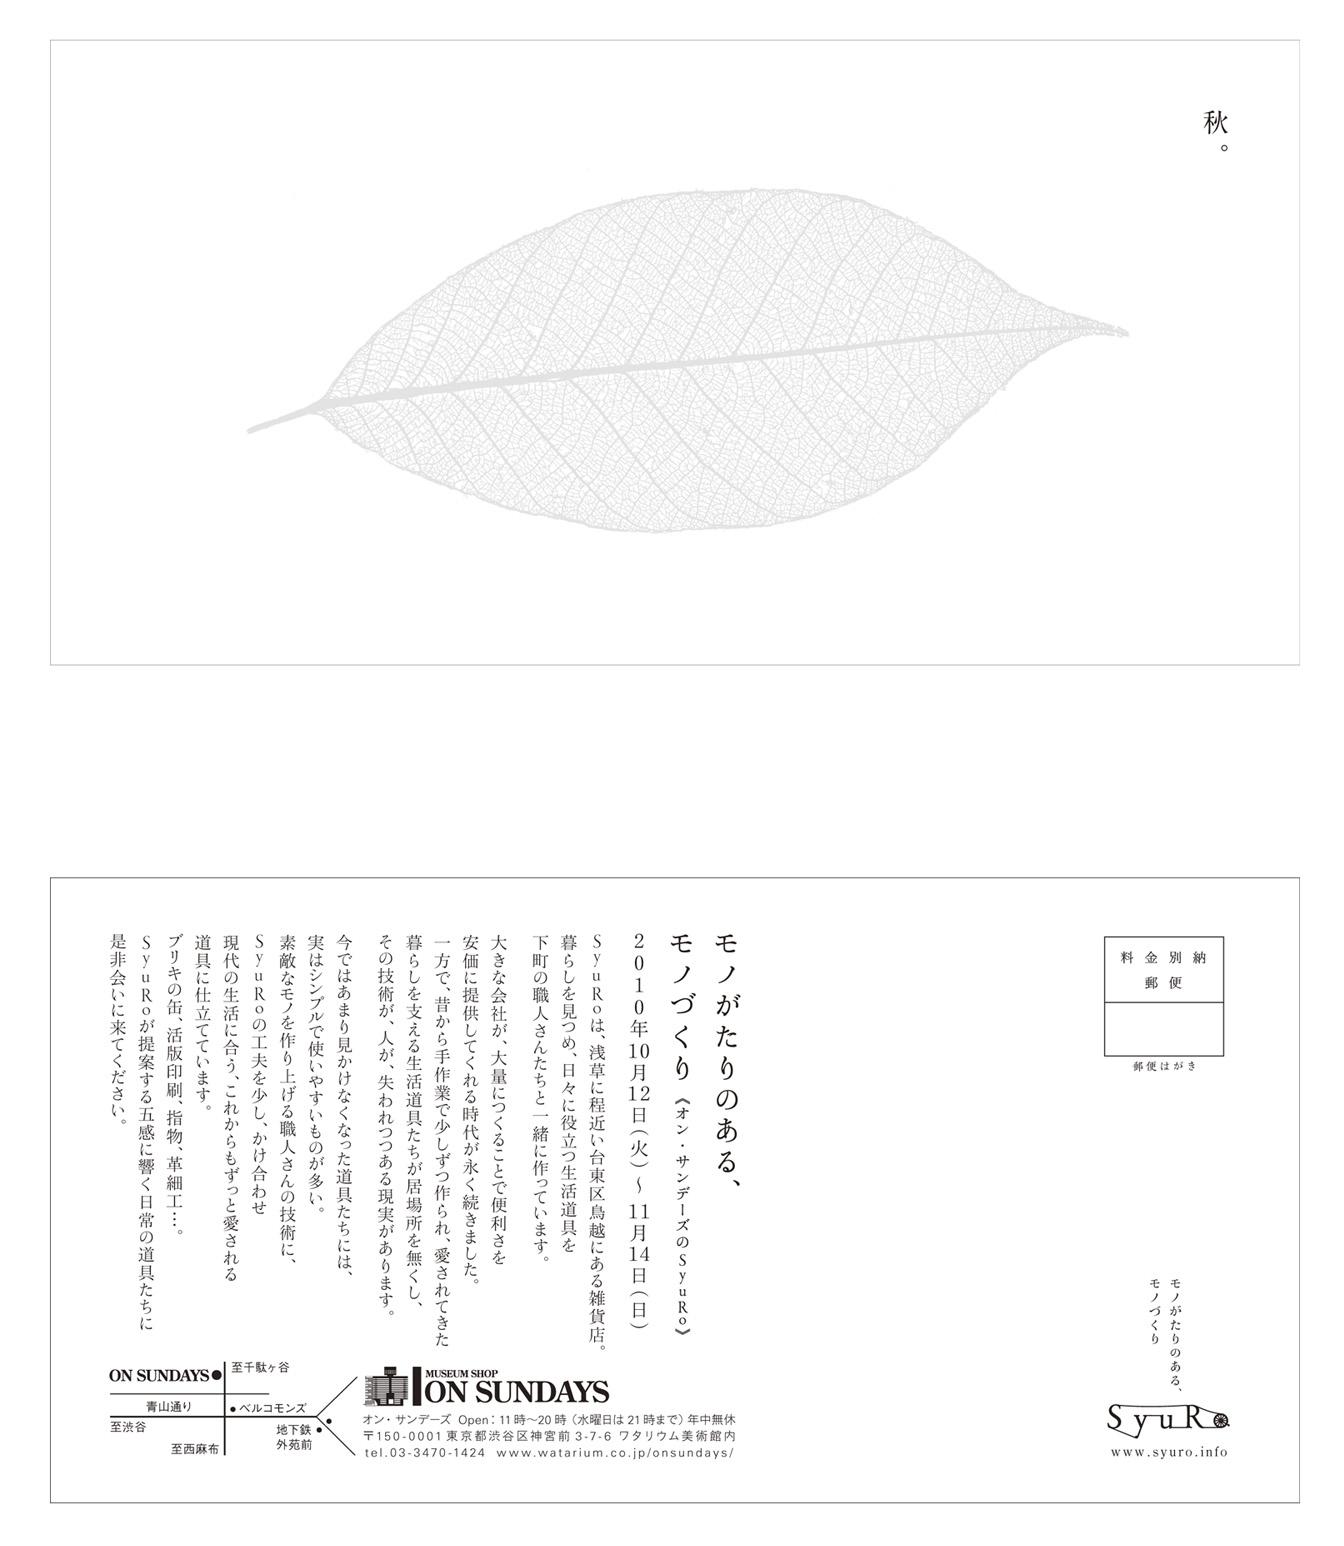 ワタリウム美術館_b0120278_23414180.jpg